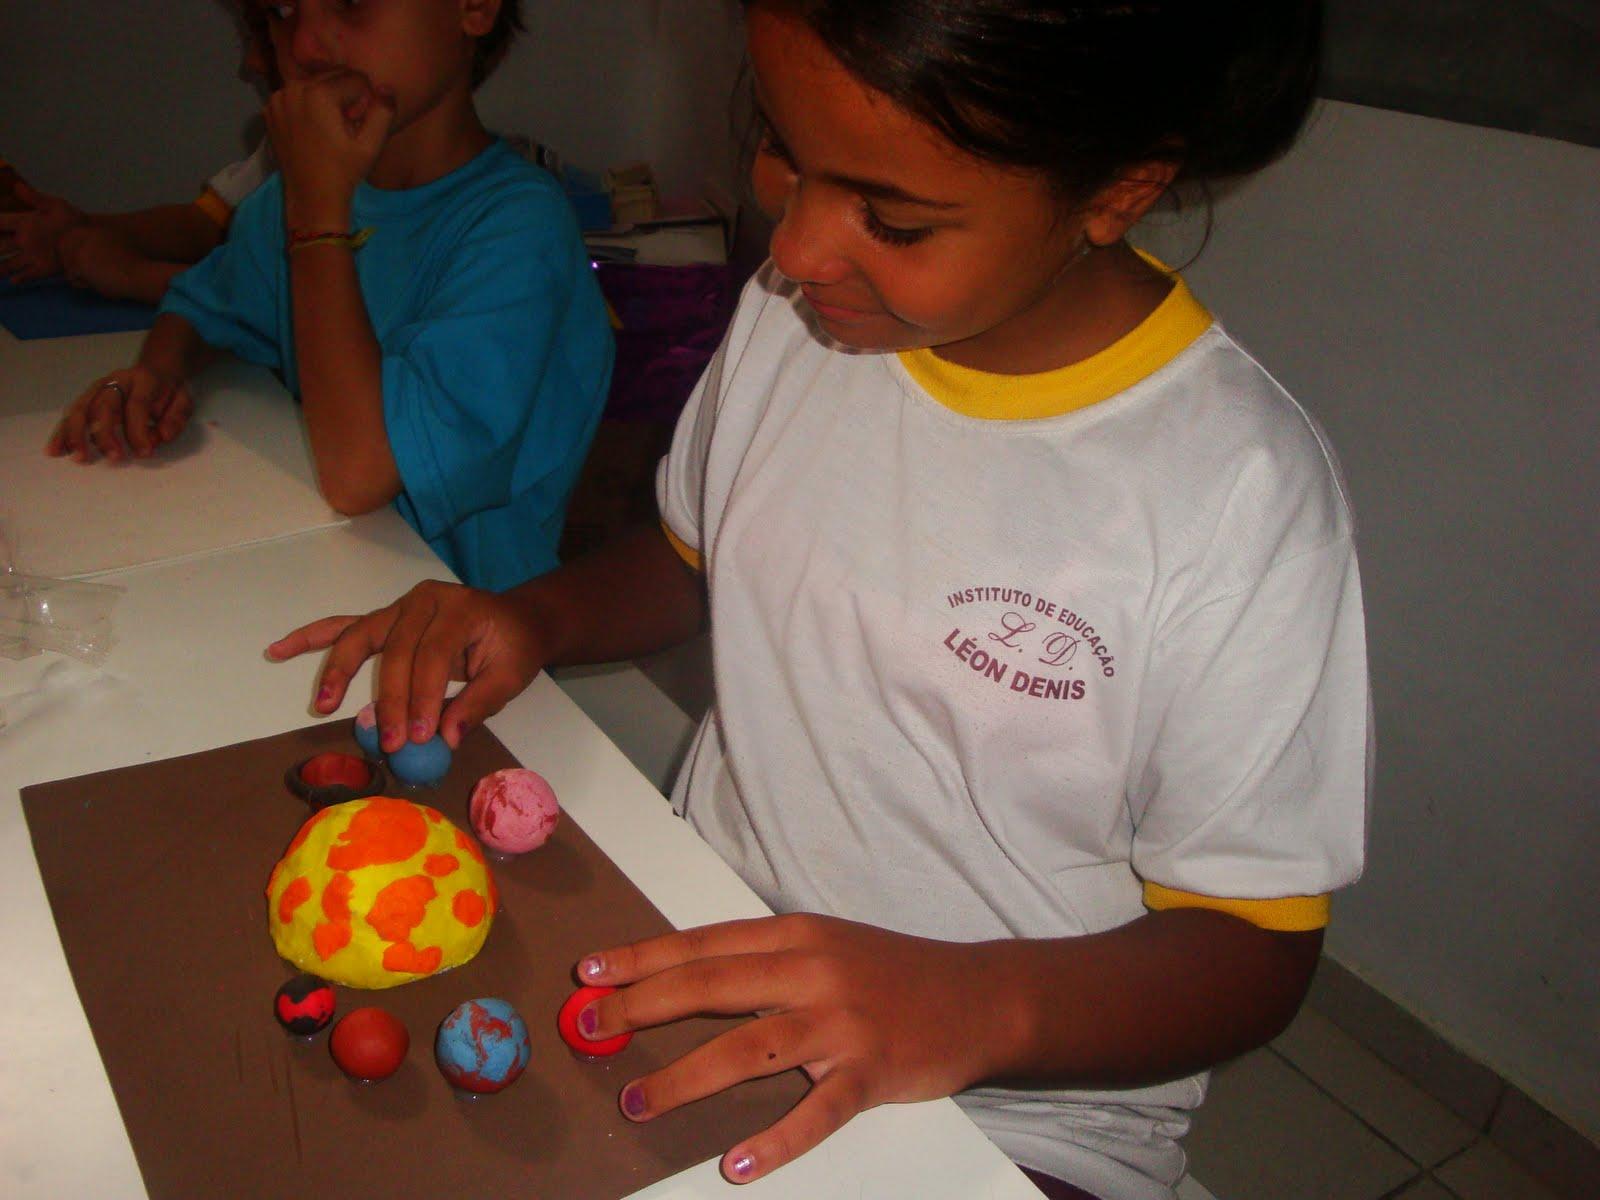 Crianças criam planetas com massa de modelar